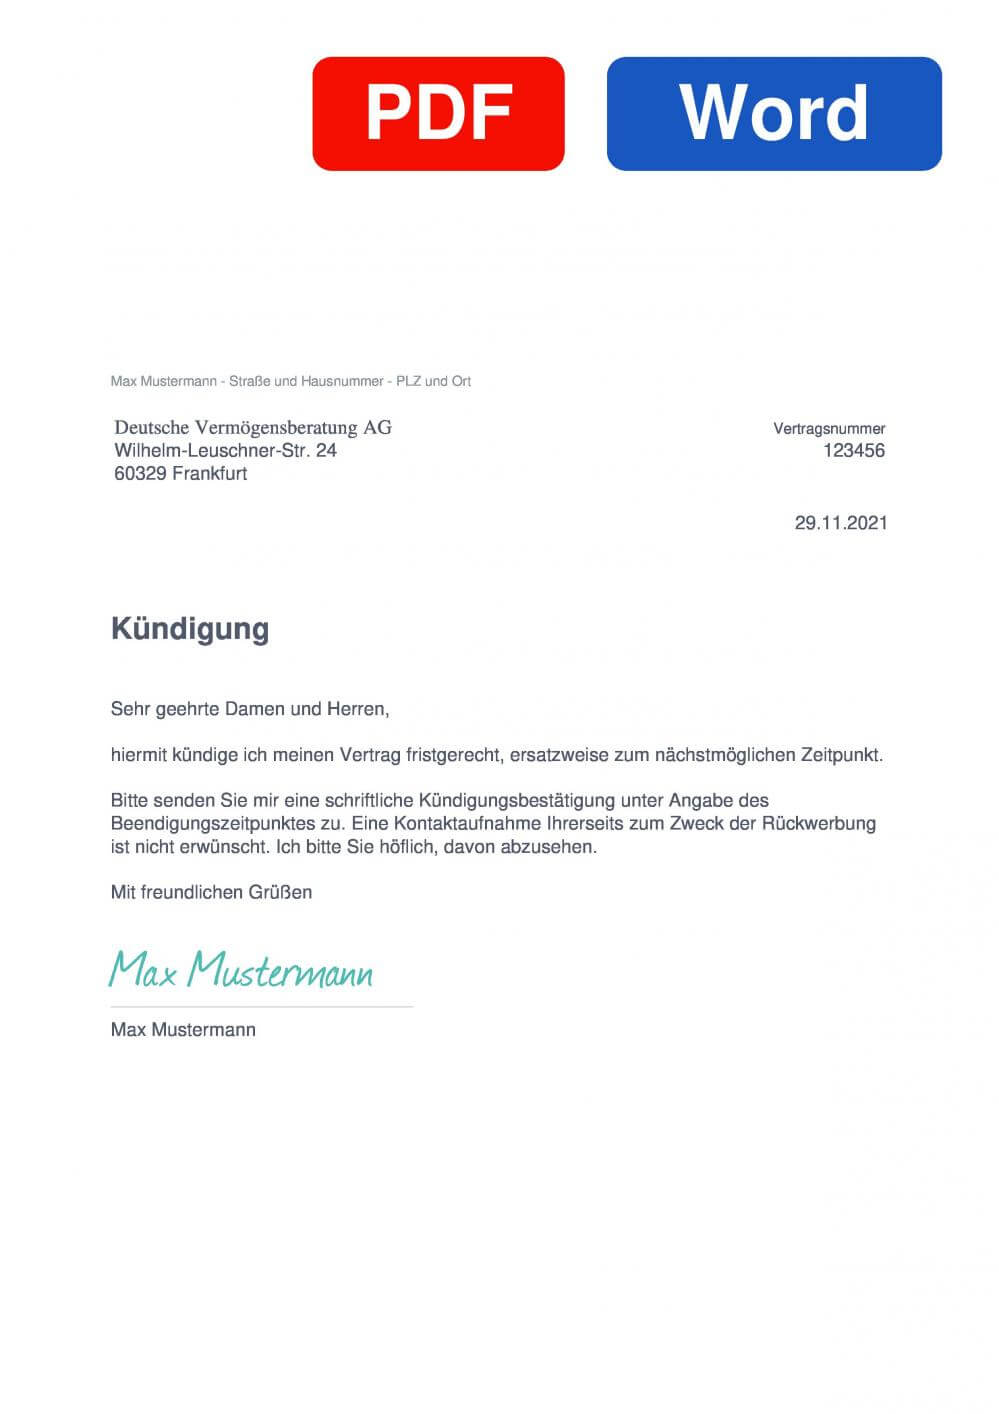 Deutsche Vermögensberatung Muster Vorlage für Kündigungsschreiben